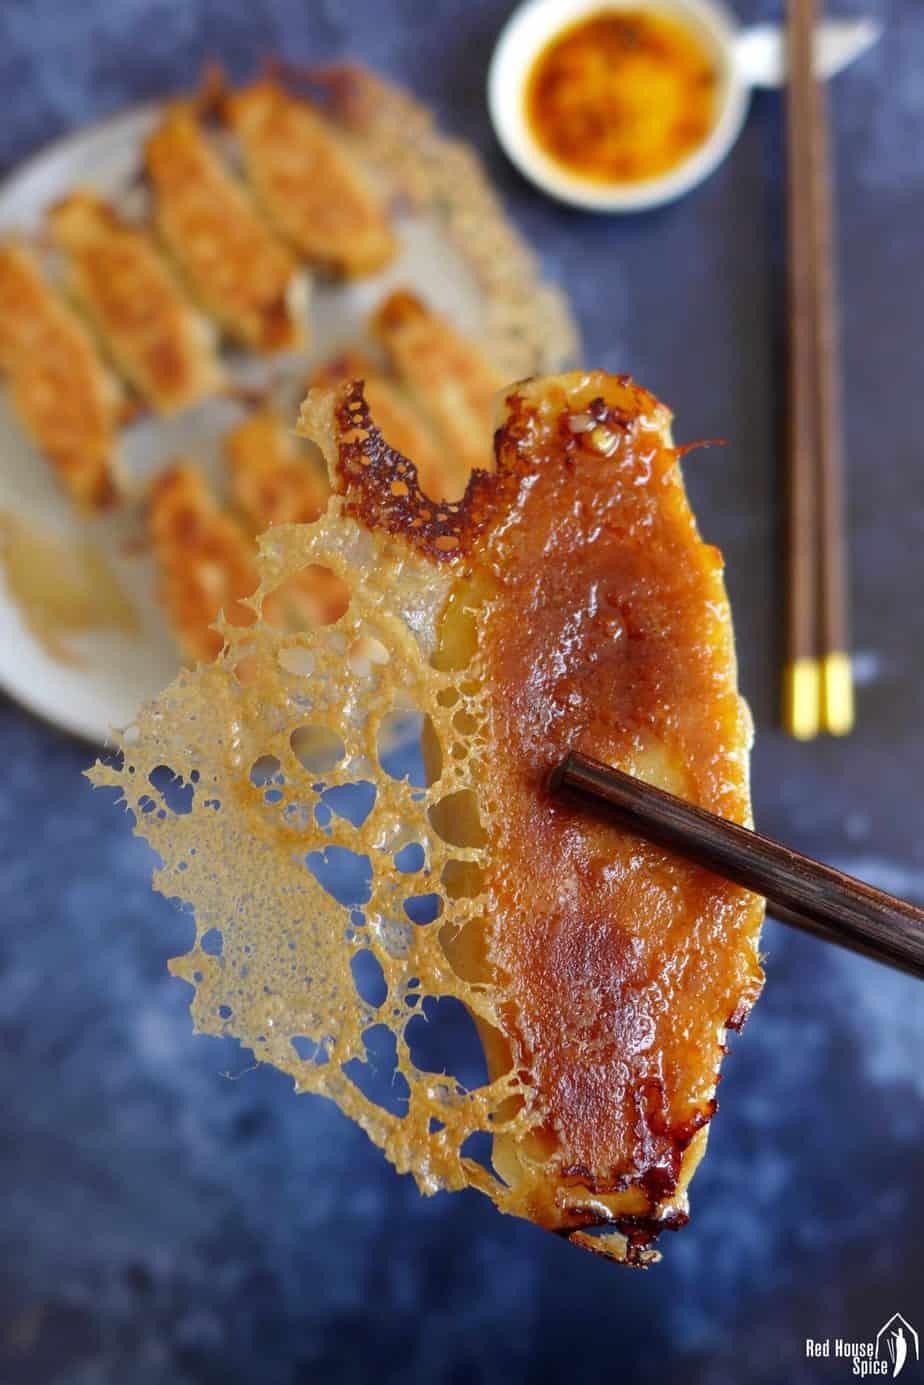 A pan fried dumpling held by a pair of chopsticks